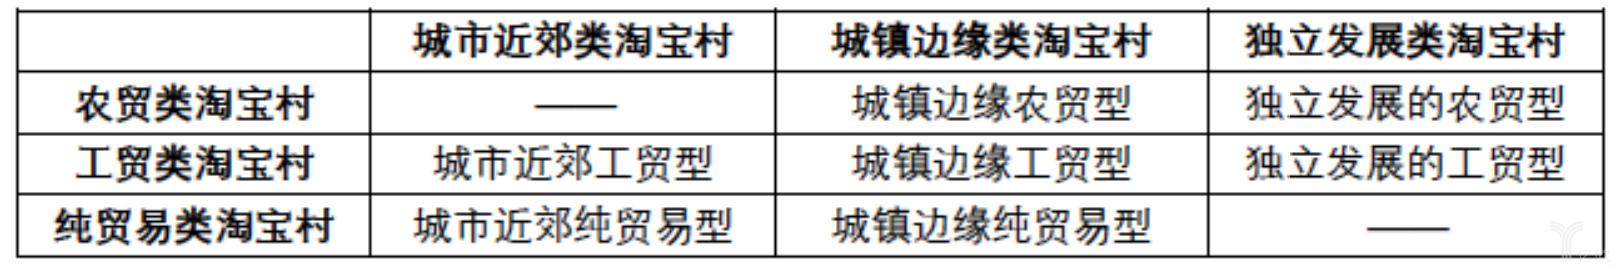 亿欧智库:基于空间、产业维度综合考量的淘宝村分类矩阵